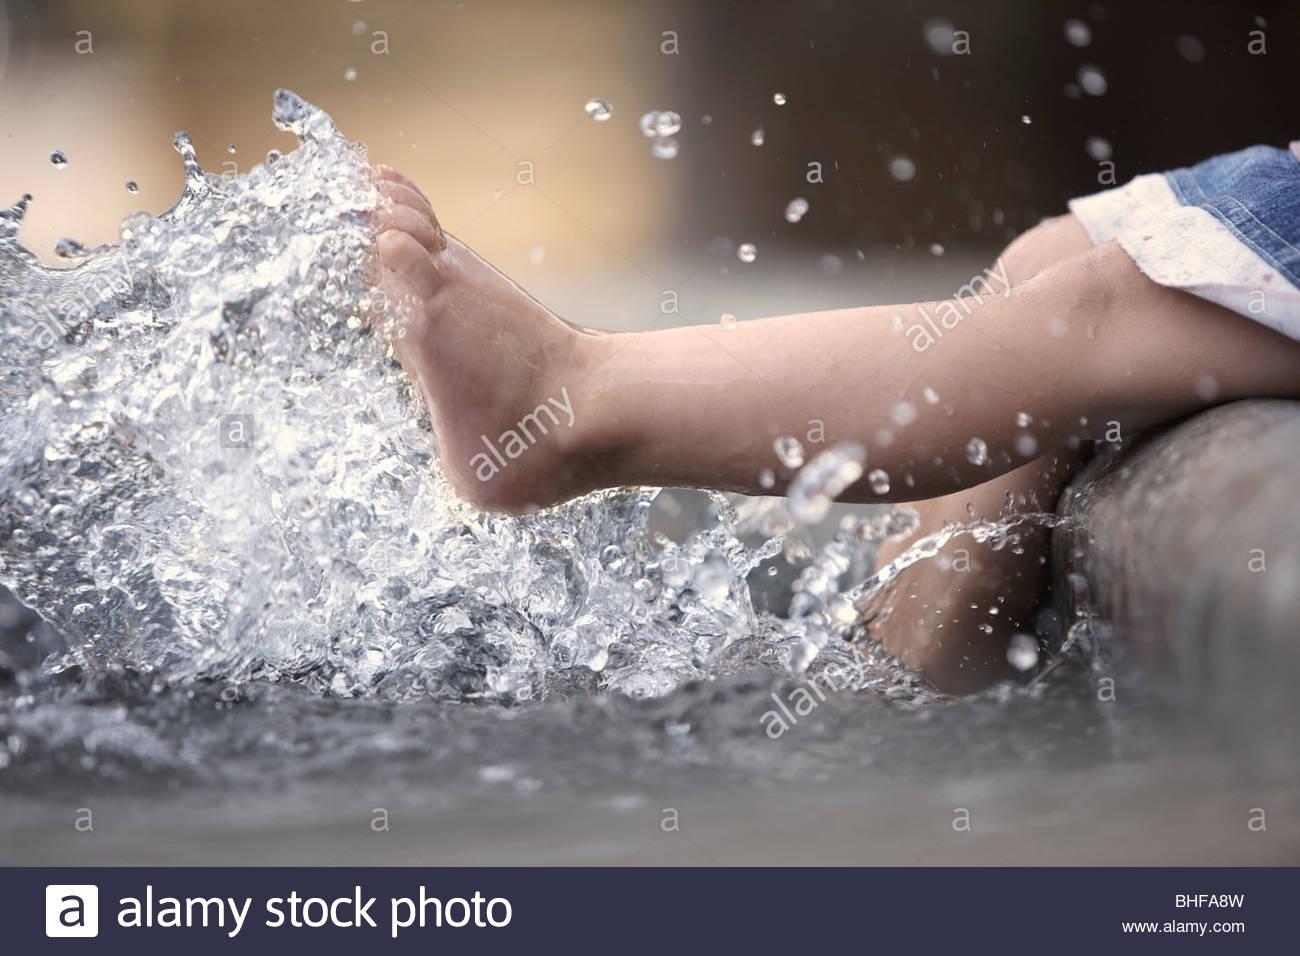 Barefoot girl splashing water - Stock Image